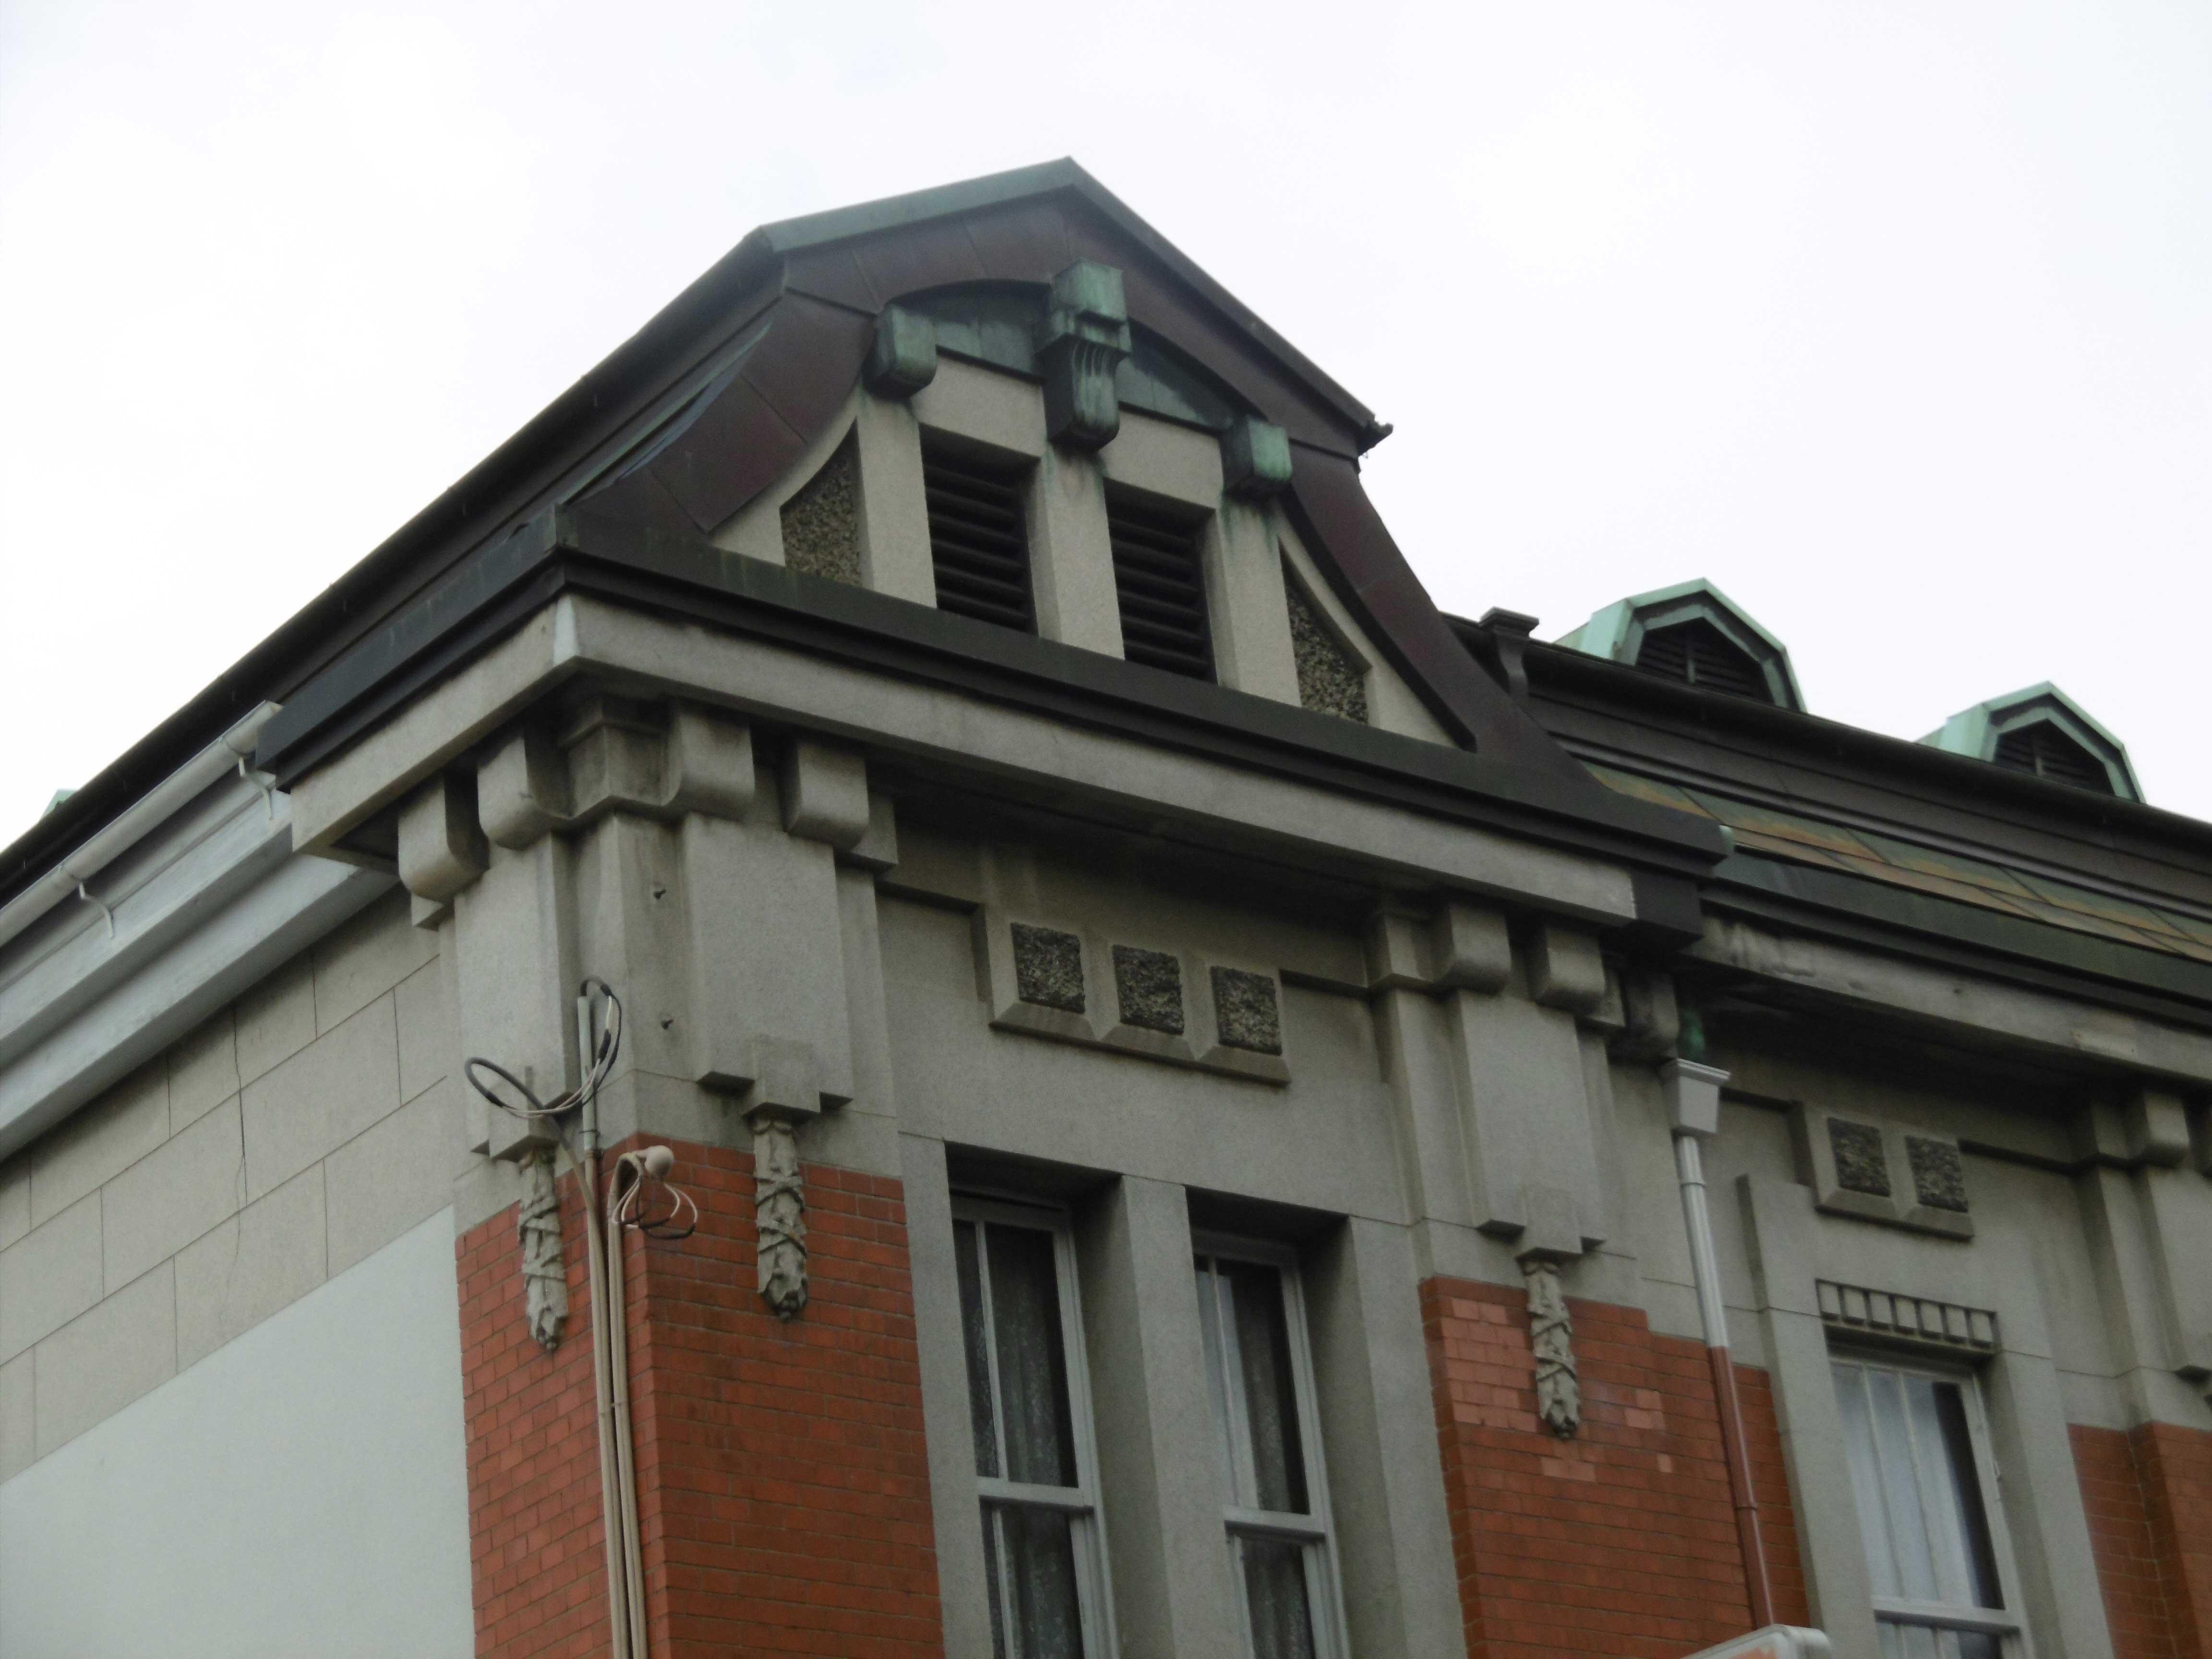 <p>正面西側のマンサード風屋根</p>西側部分は柱型、頂部コーニスのせり出し、特徴的な破風のマンサード風の妻面により、隅塔的な表情を出している。